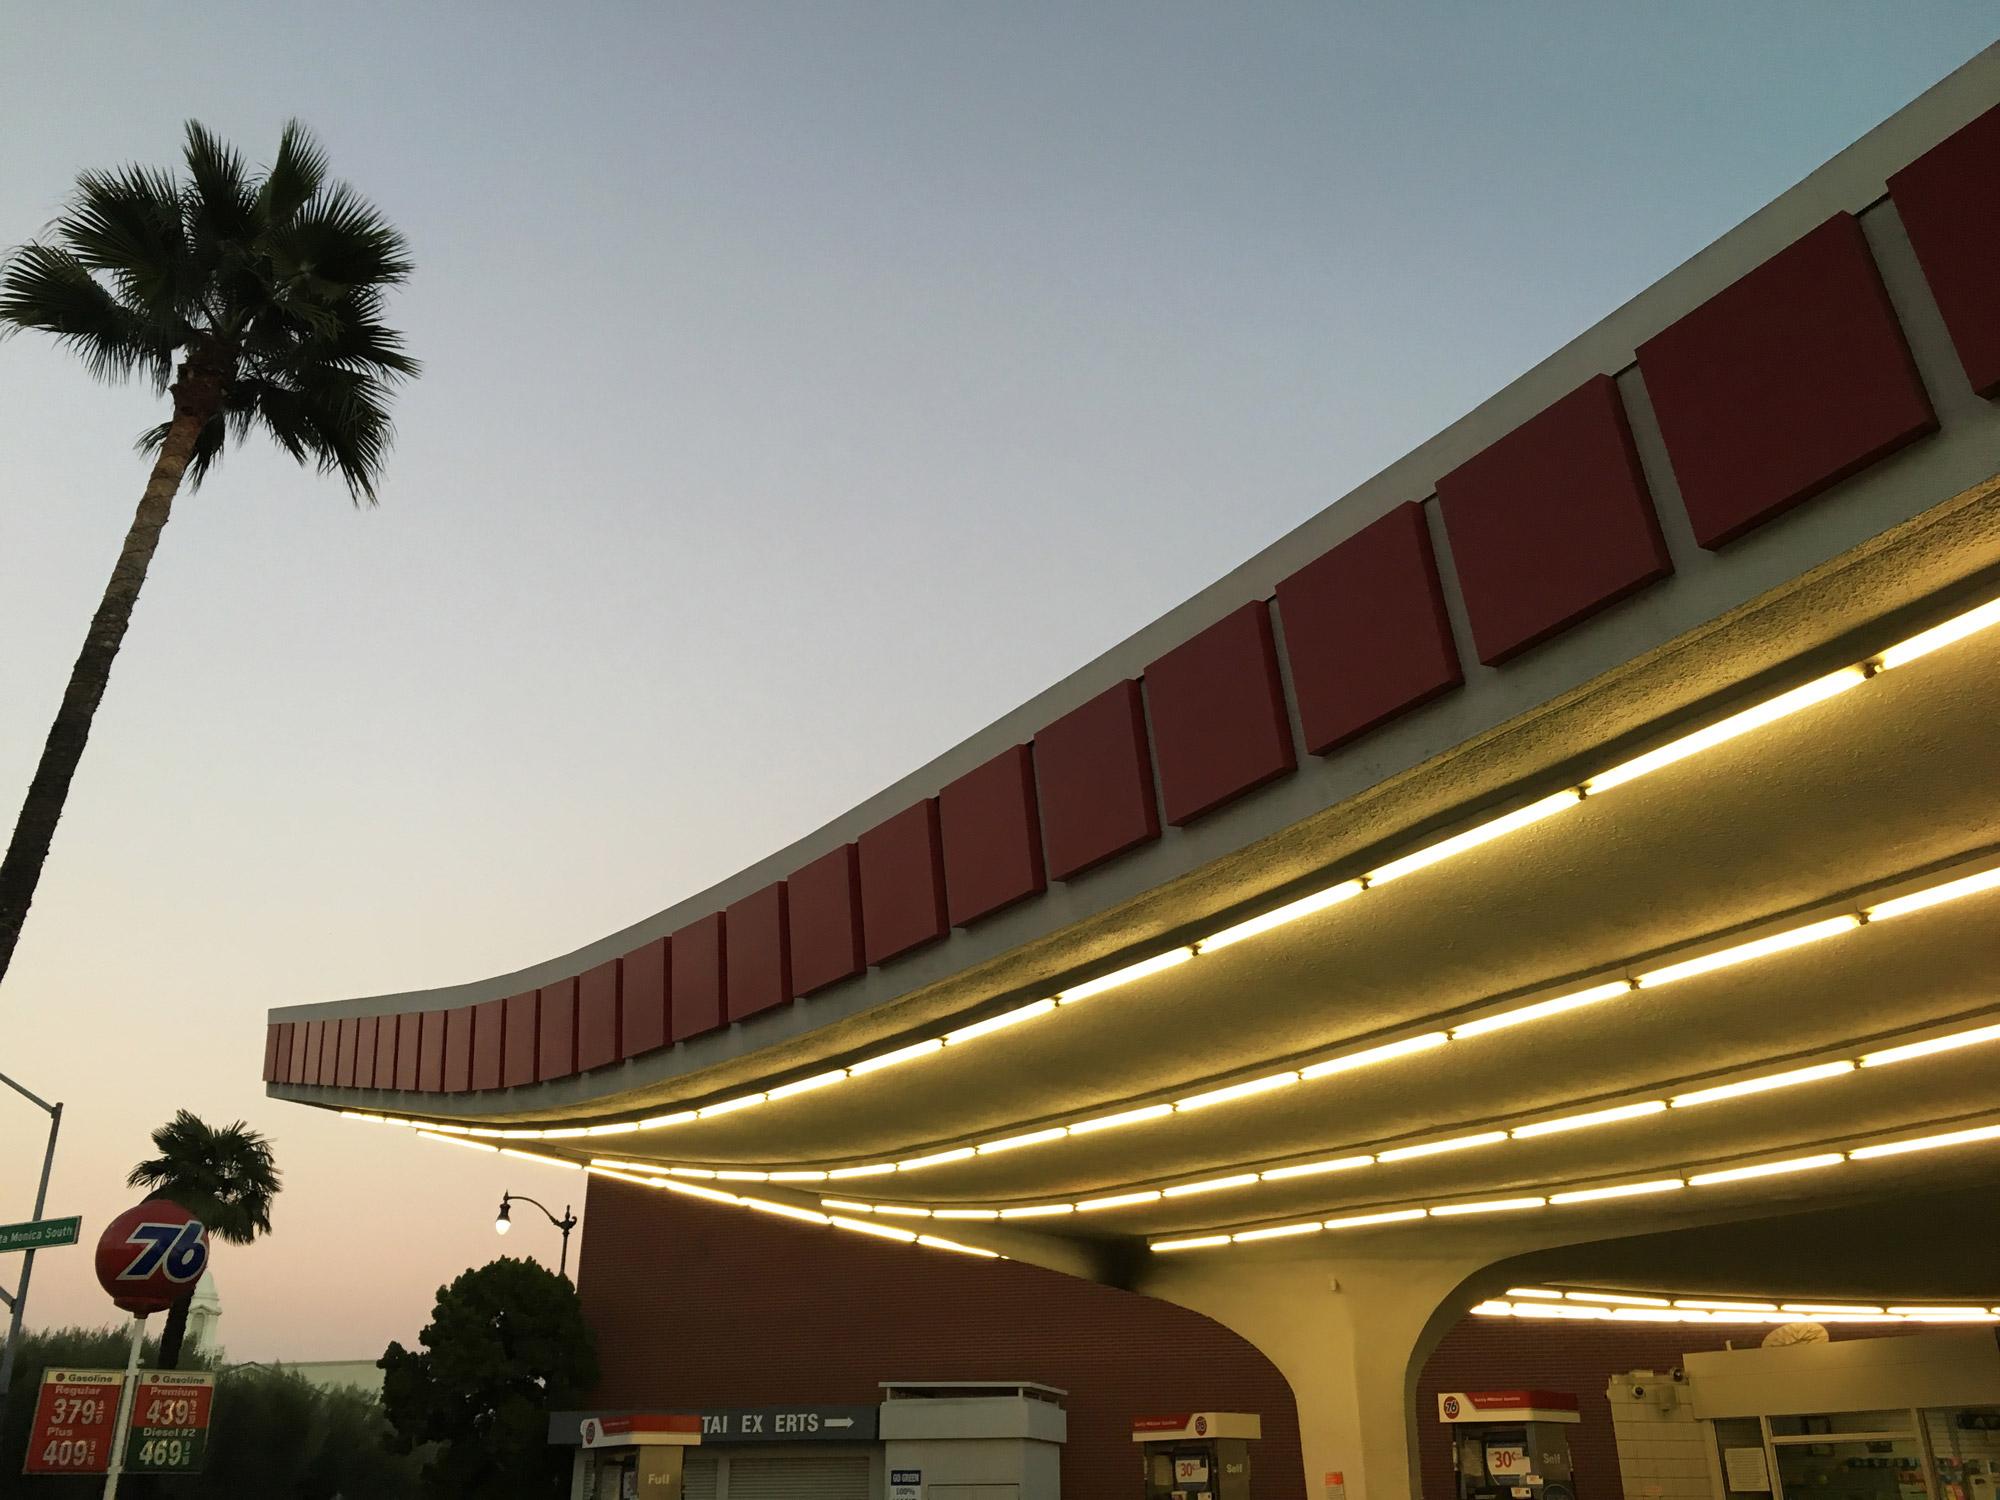 urbanbacklog-los-angeles-jack-colker's-76-gas-station-3.jpg